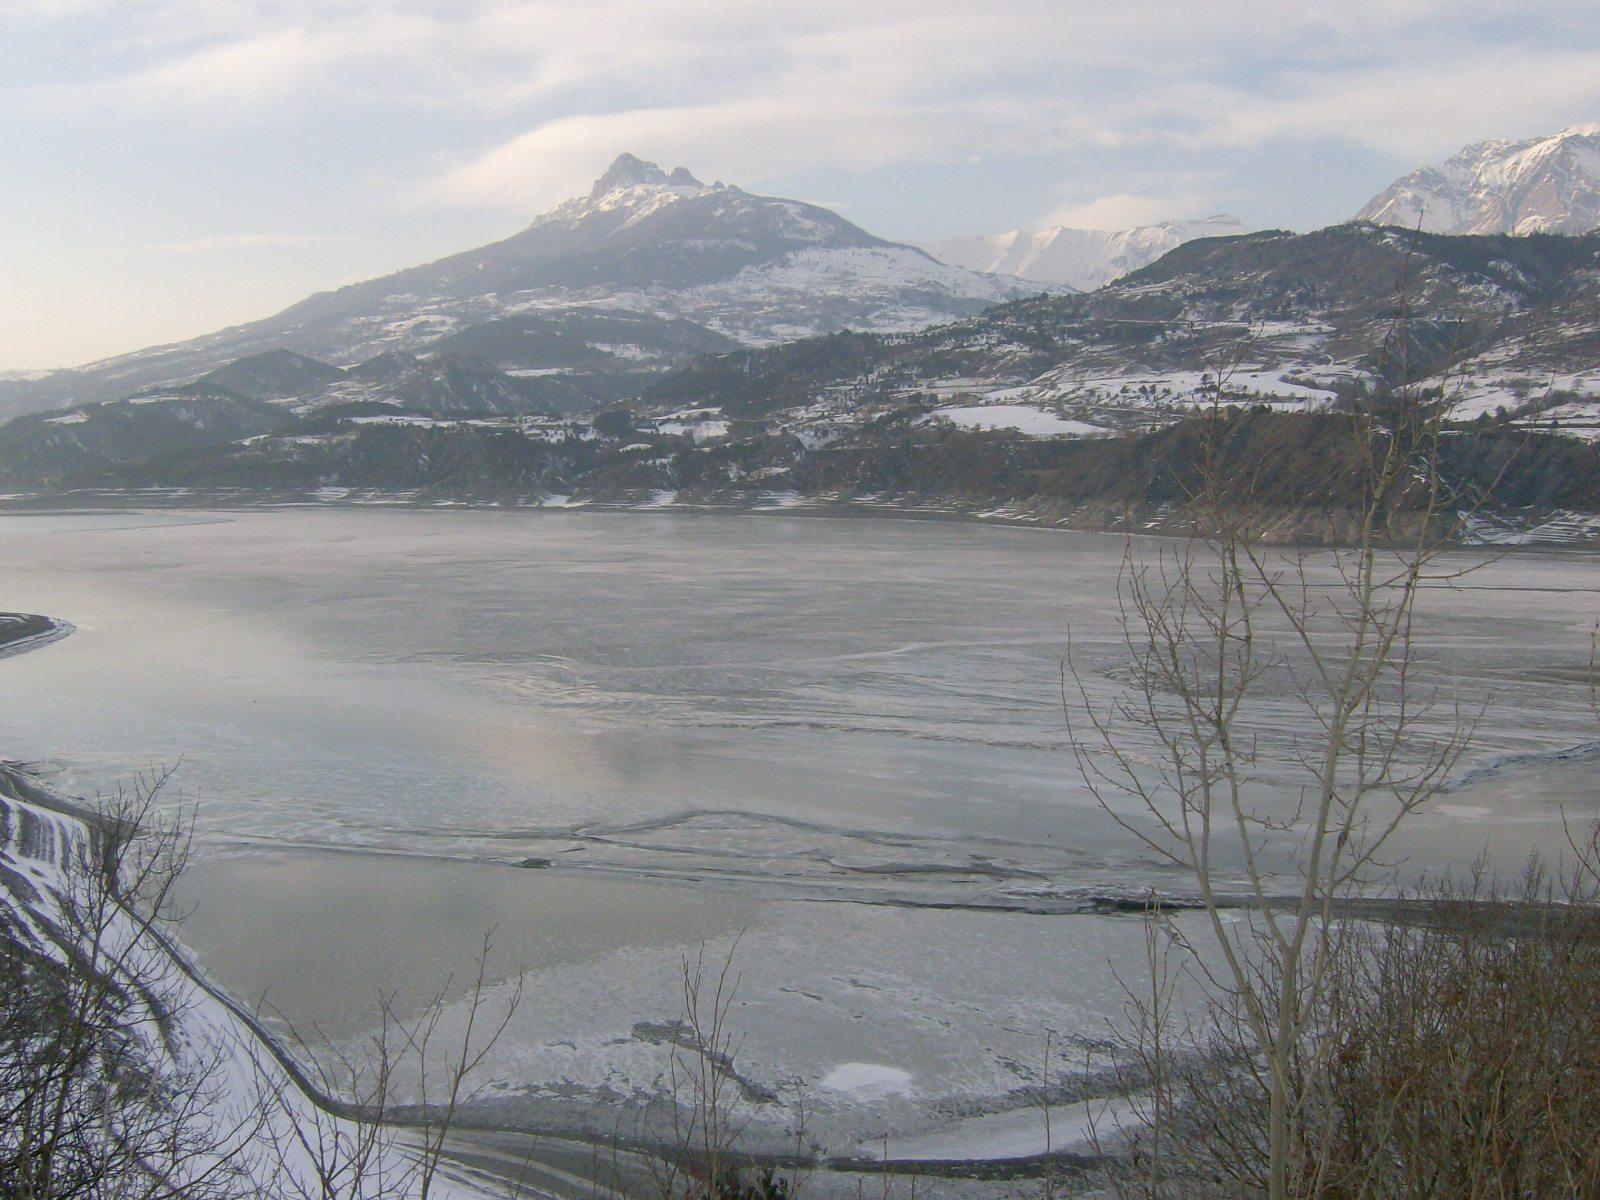 Lac Serre Poncon : Luftaufnahme der alpen in der nähe von see lac de serre poncon